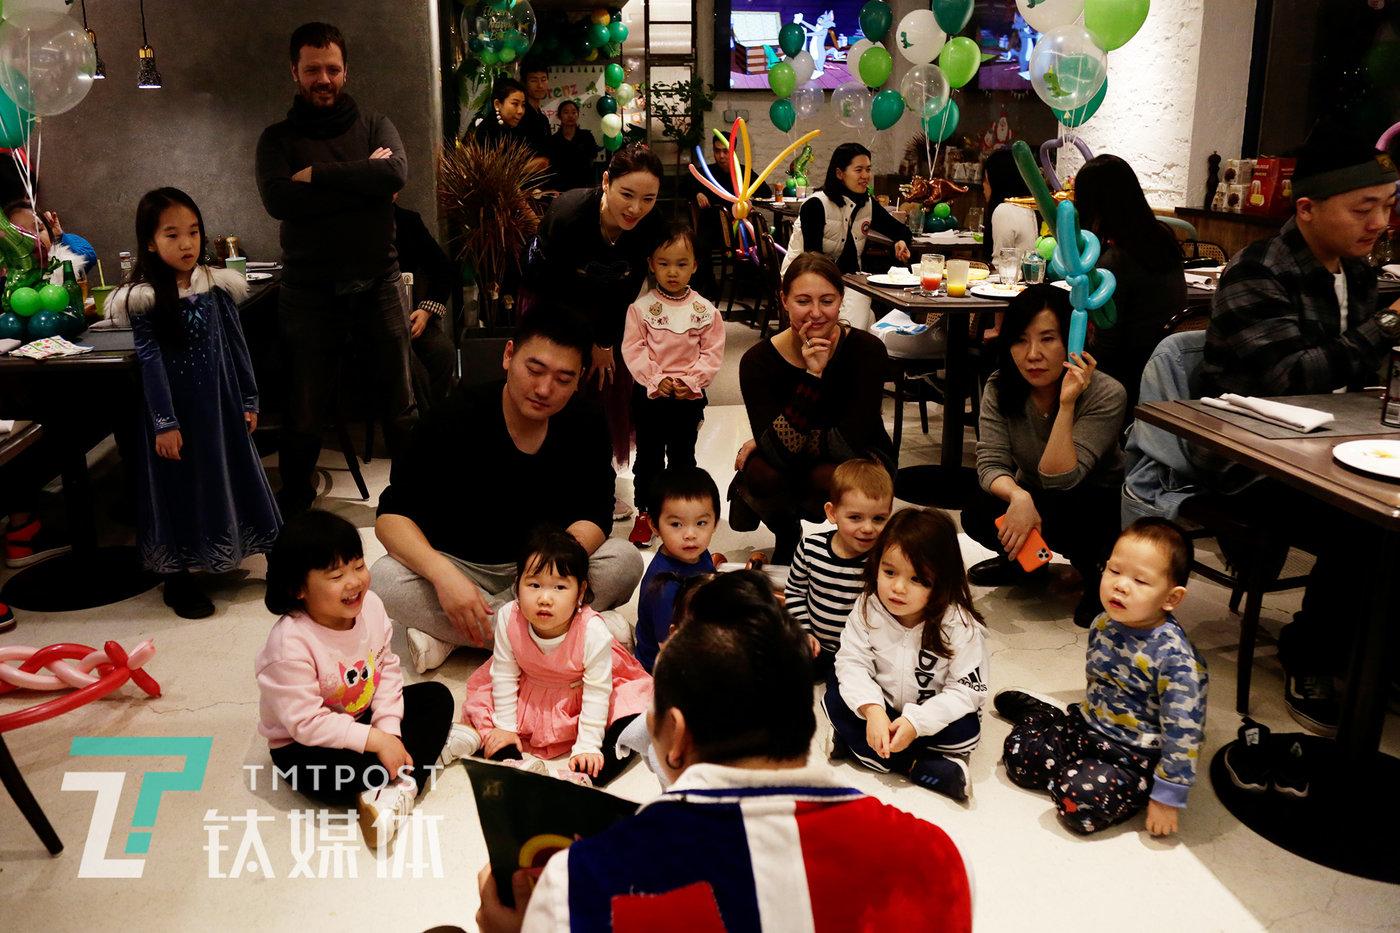 2019年12月16日,北京三里屯某西餐厅,一场聚会上,阿绎在为小朋友们进行魔术表演。